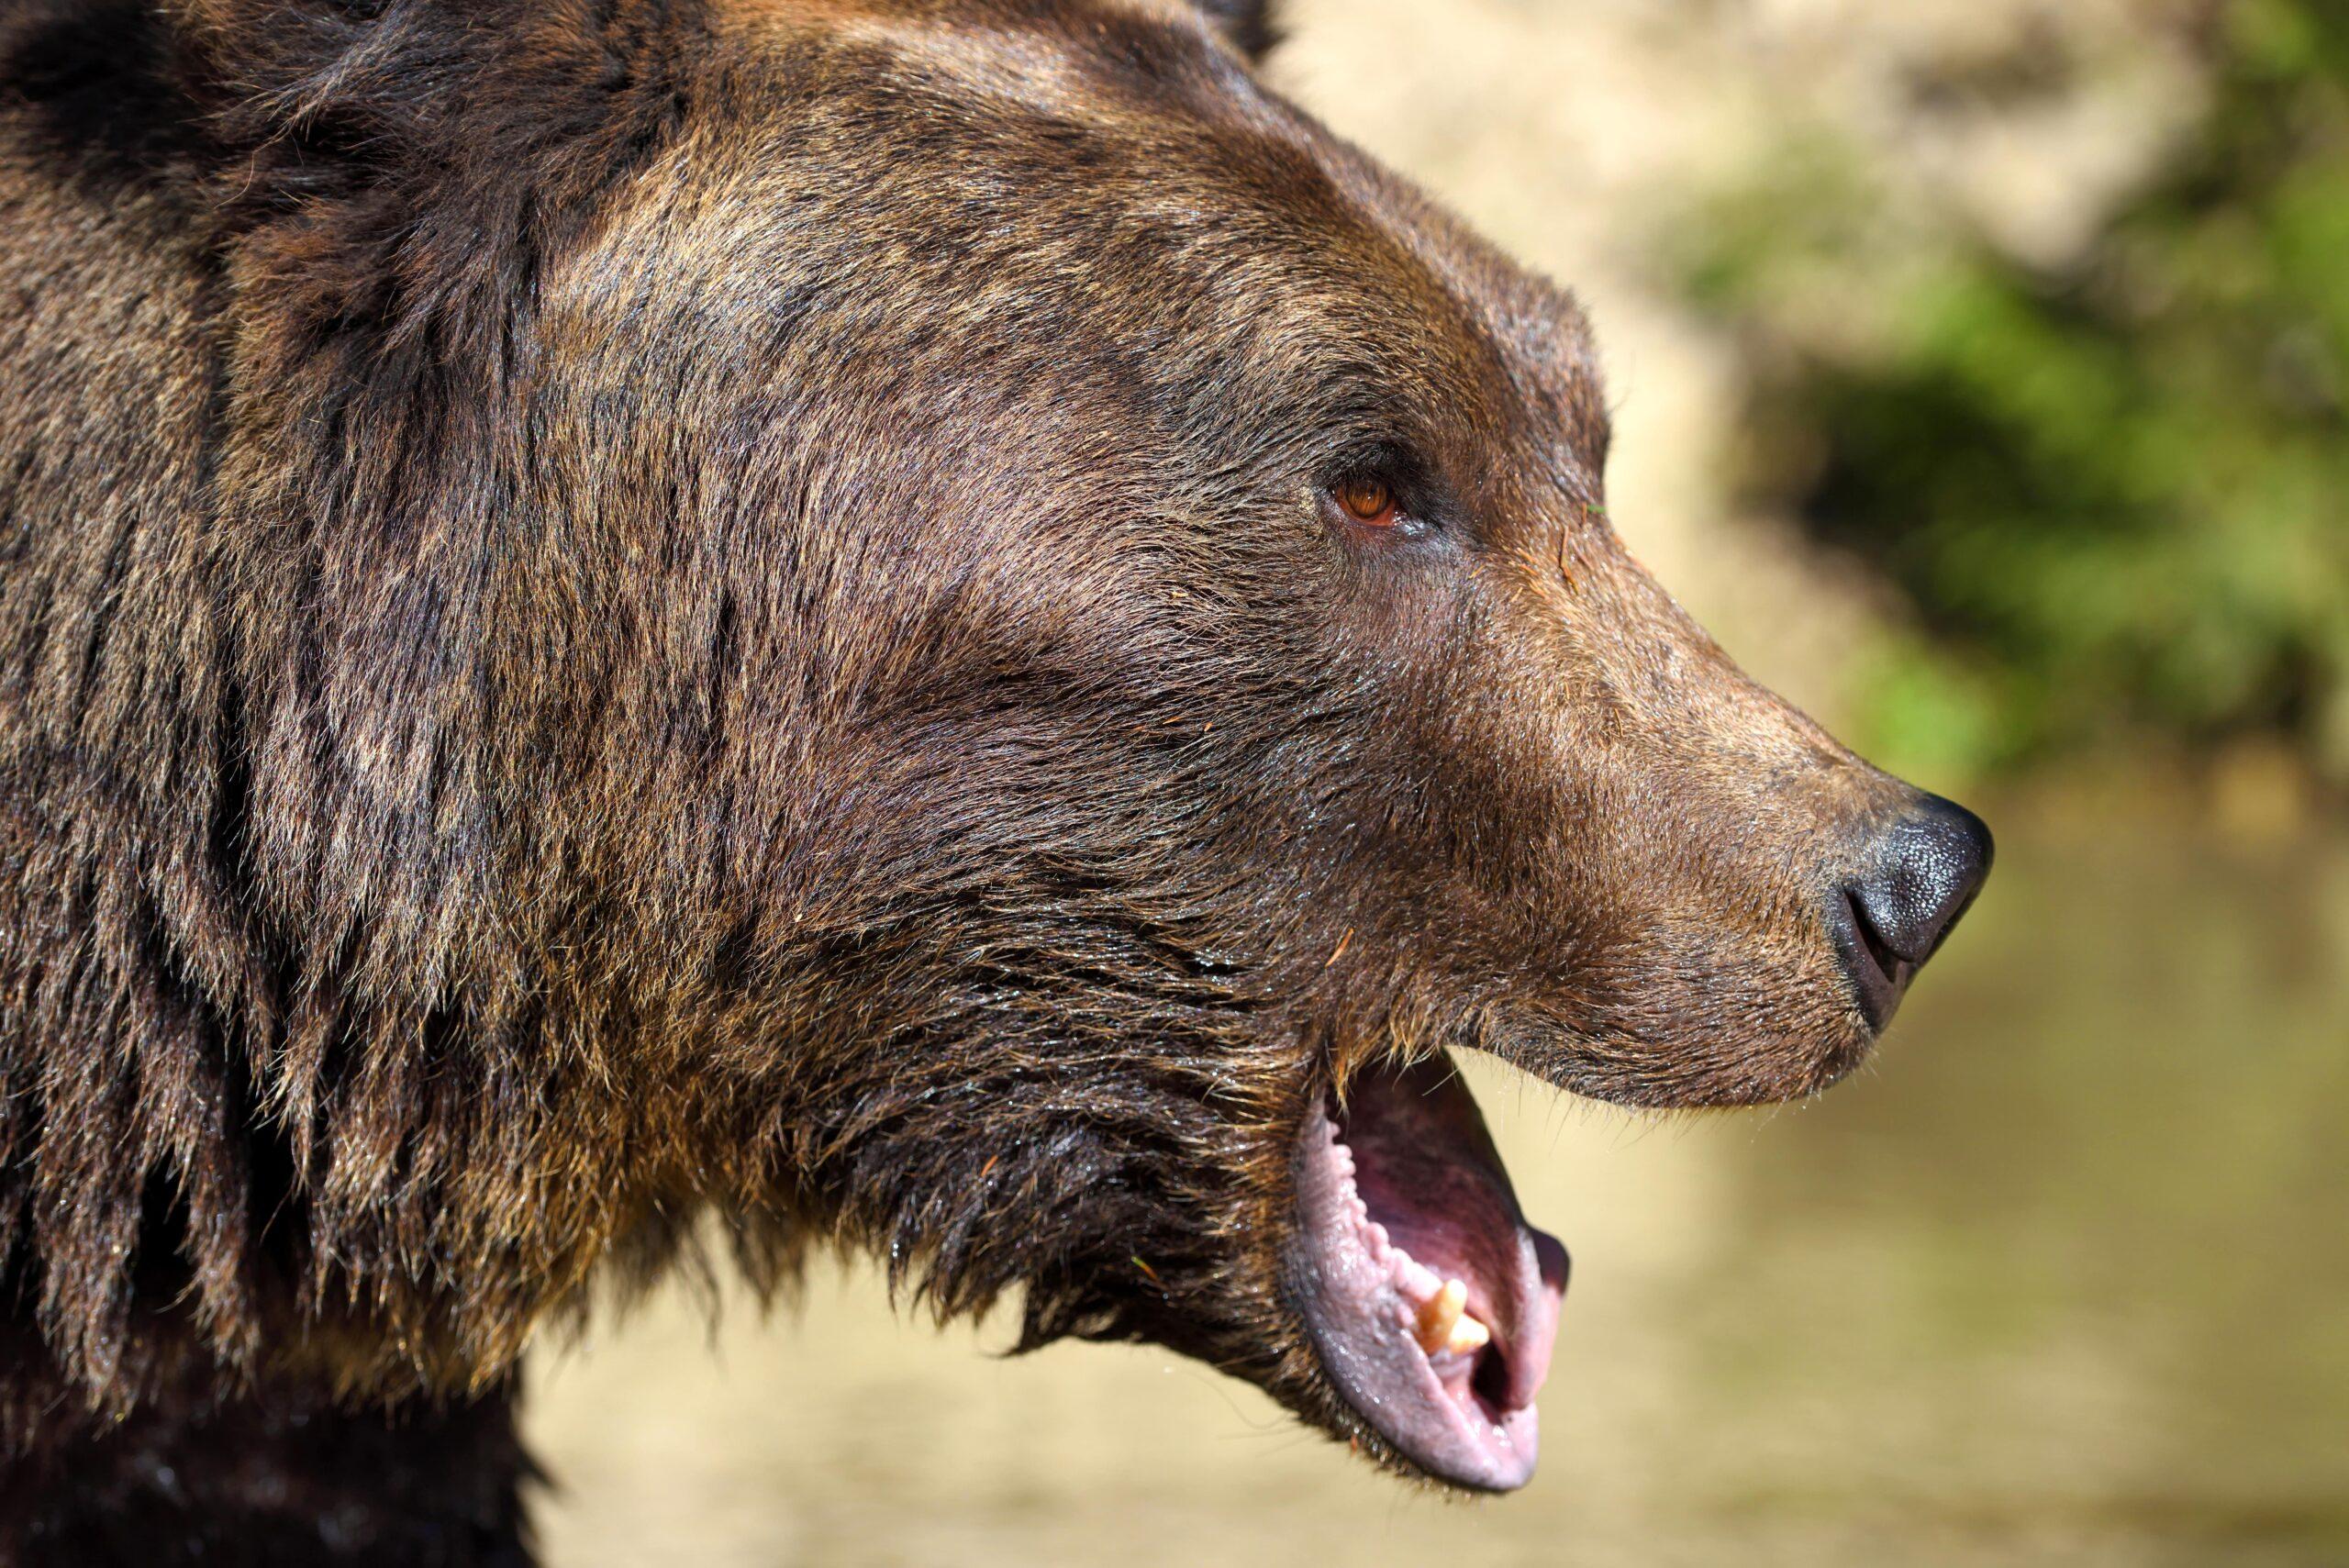 brown-bear-portrait-side-view-of-bear-face-G7E9TKV-min.jpg